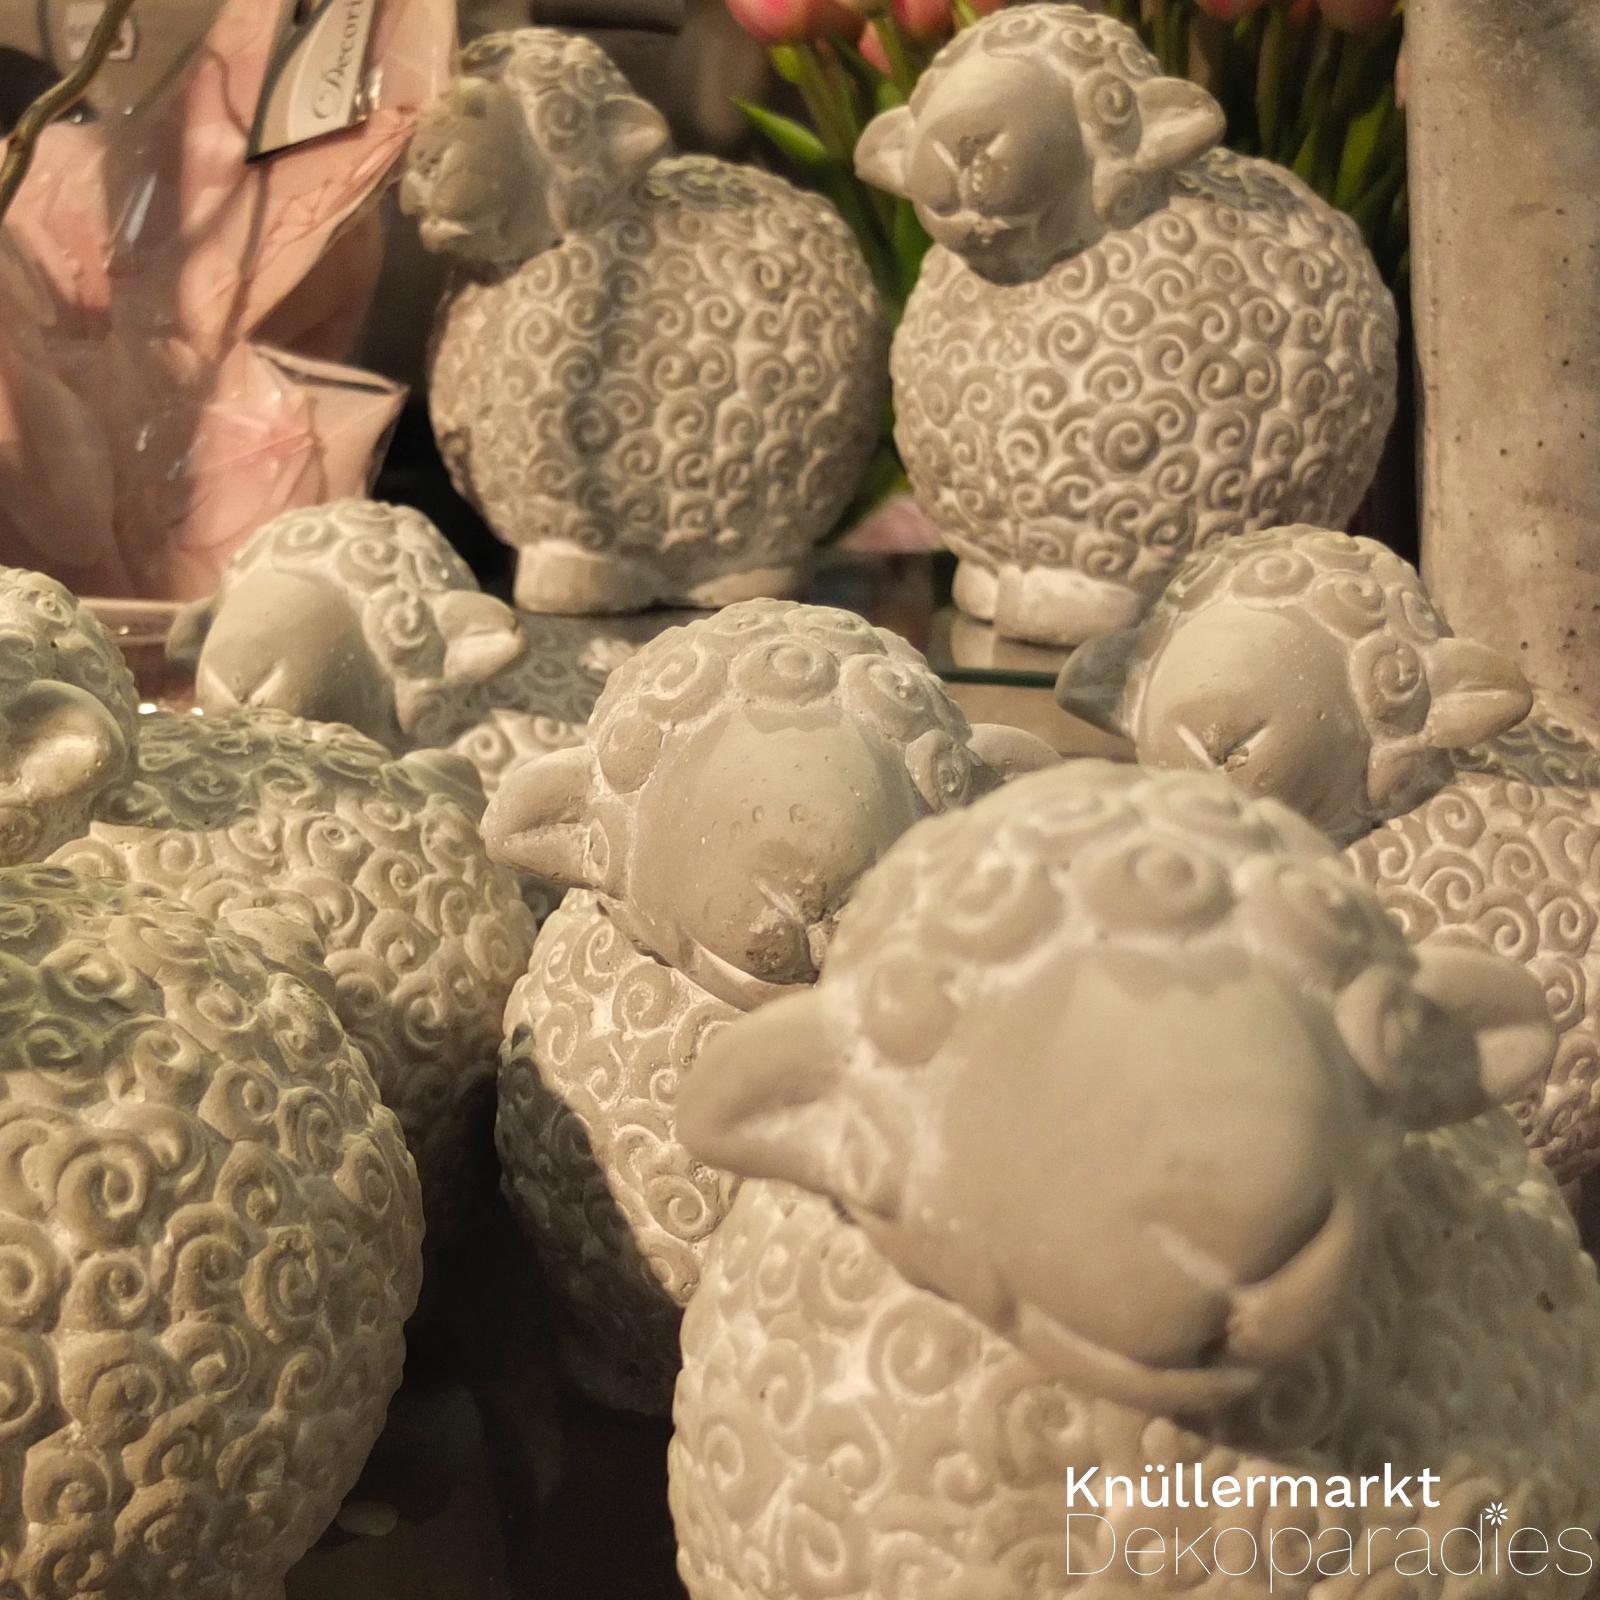 gallerie-9-themenseite-fruehling-oster-blumen-deko-paradies-knuellermarkt